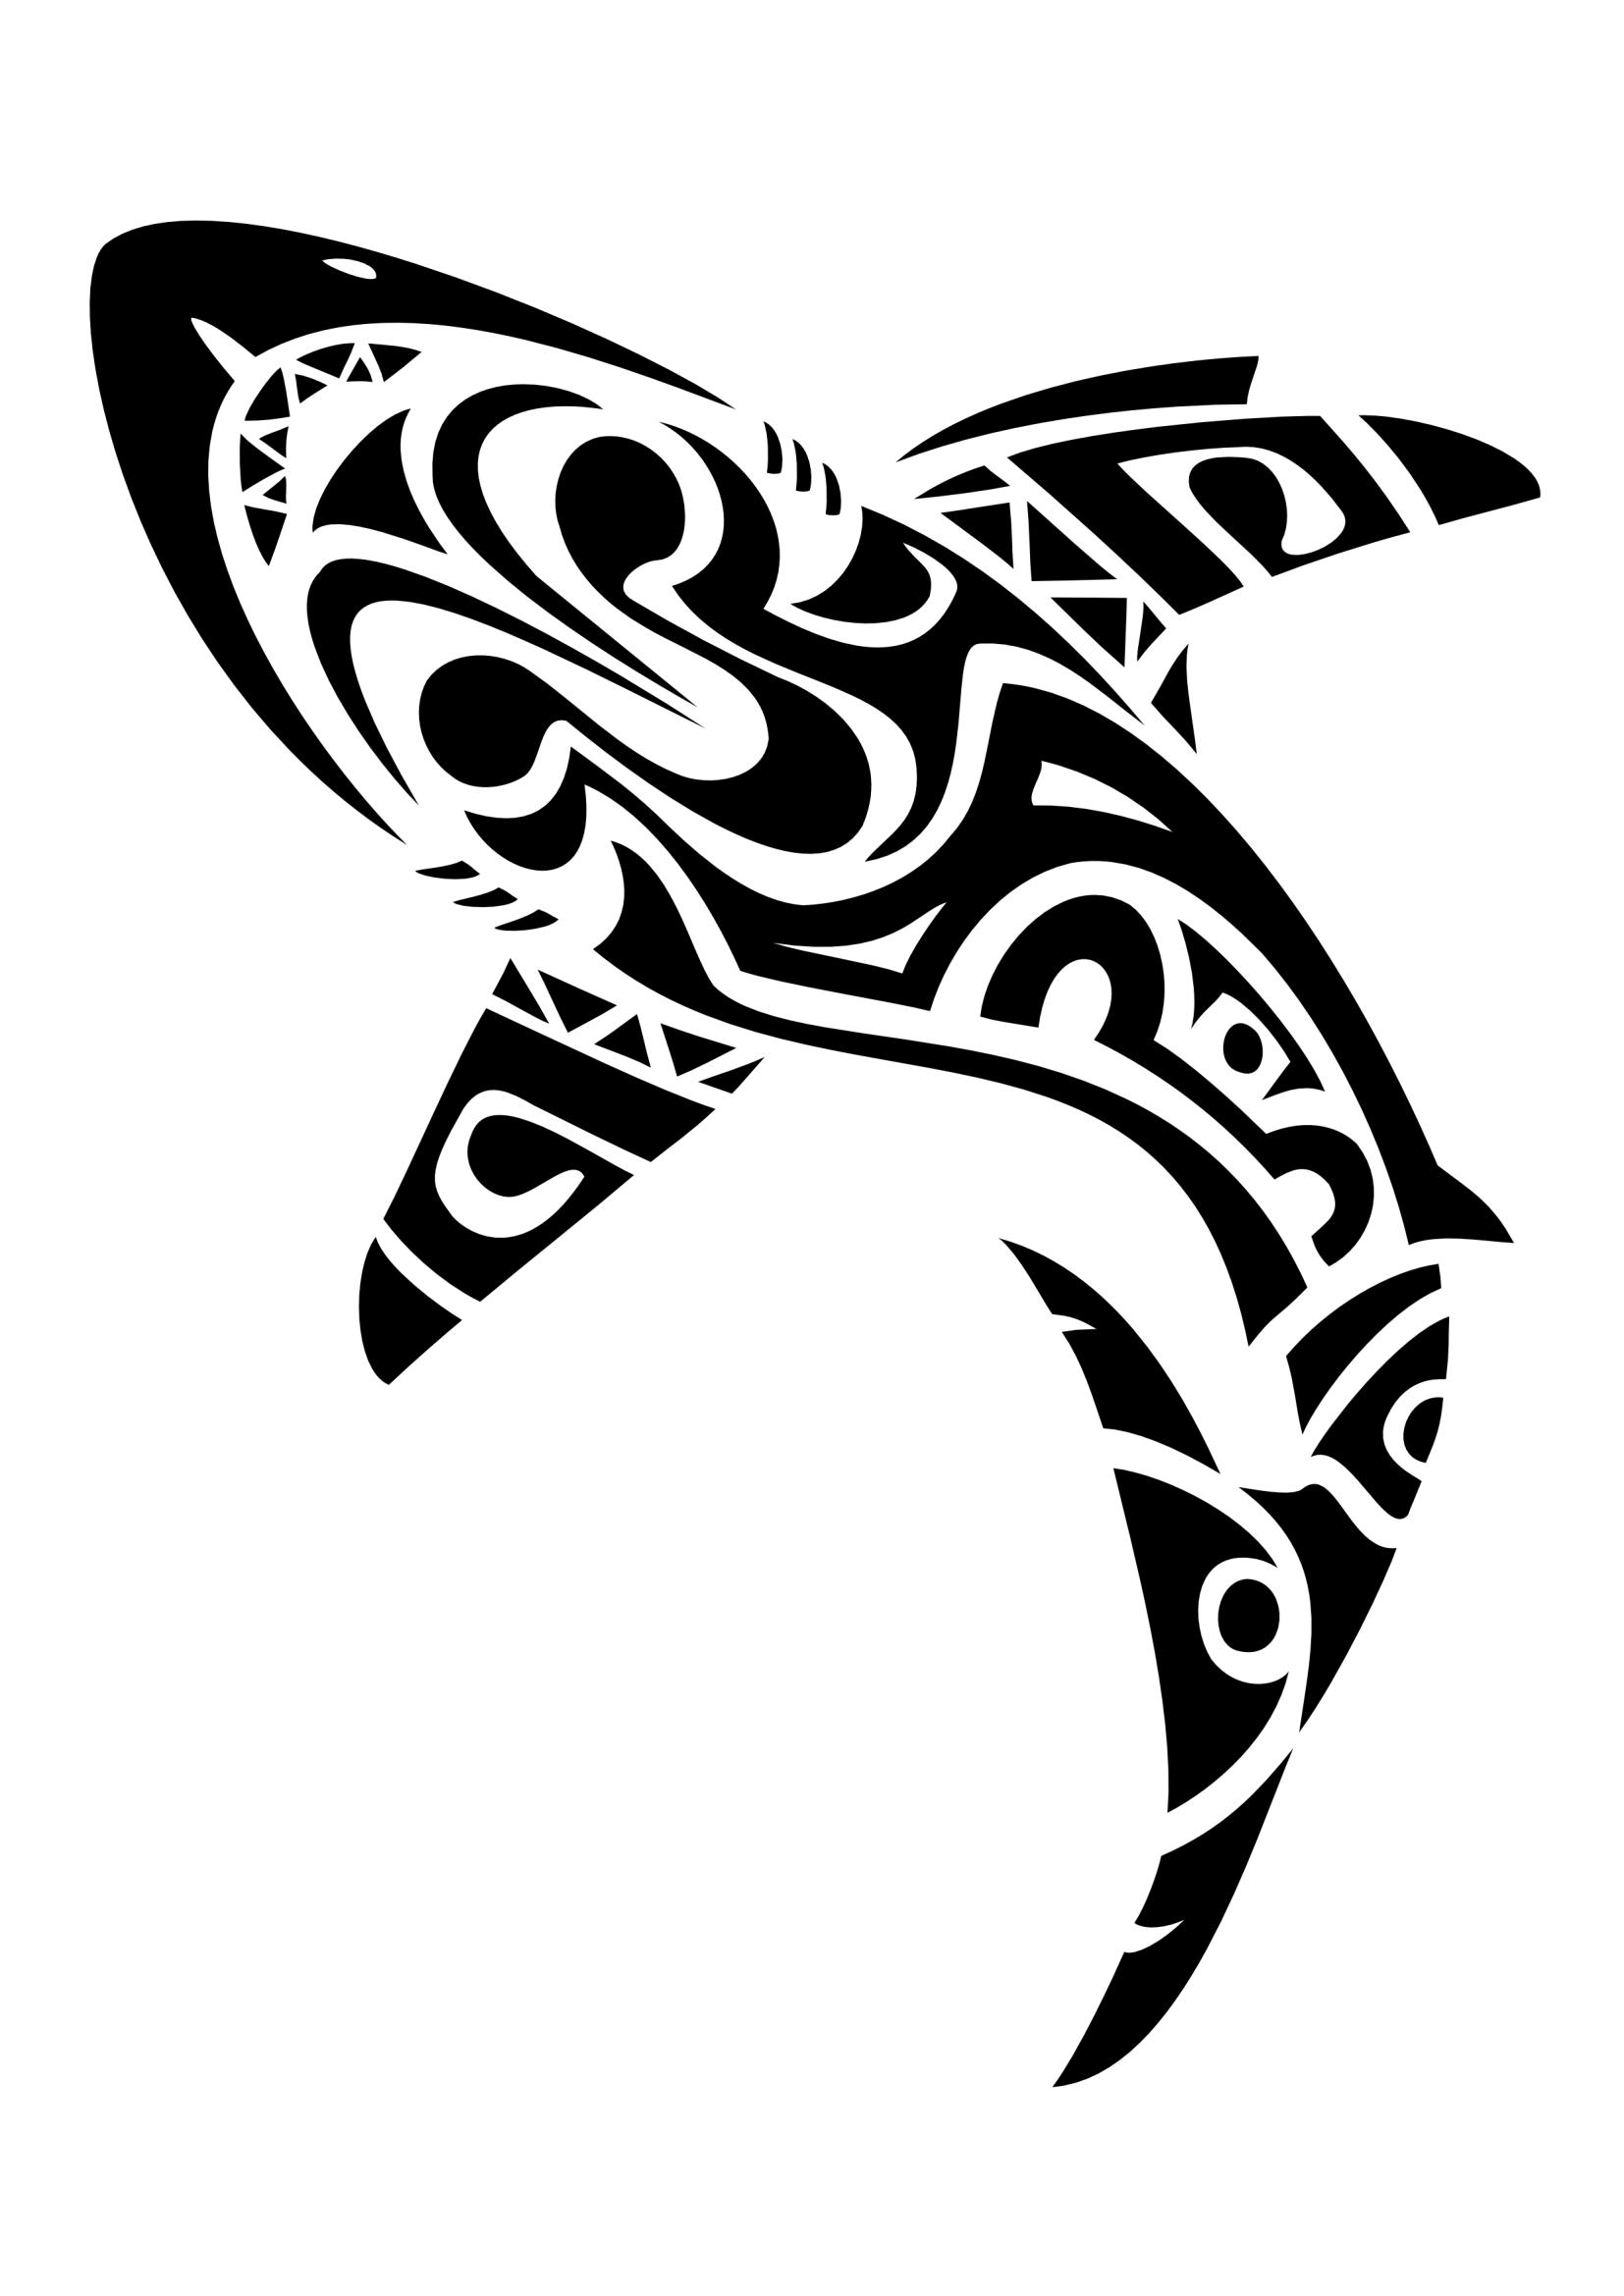 Squalo+Maori Disegni Del Tatuaggio Tribale, Disegni Del Tatuaggio Maori, Tatuaggi  Maori,